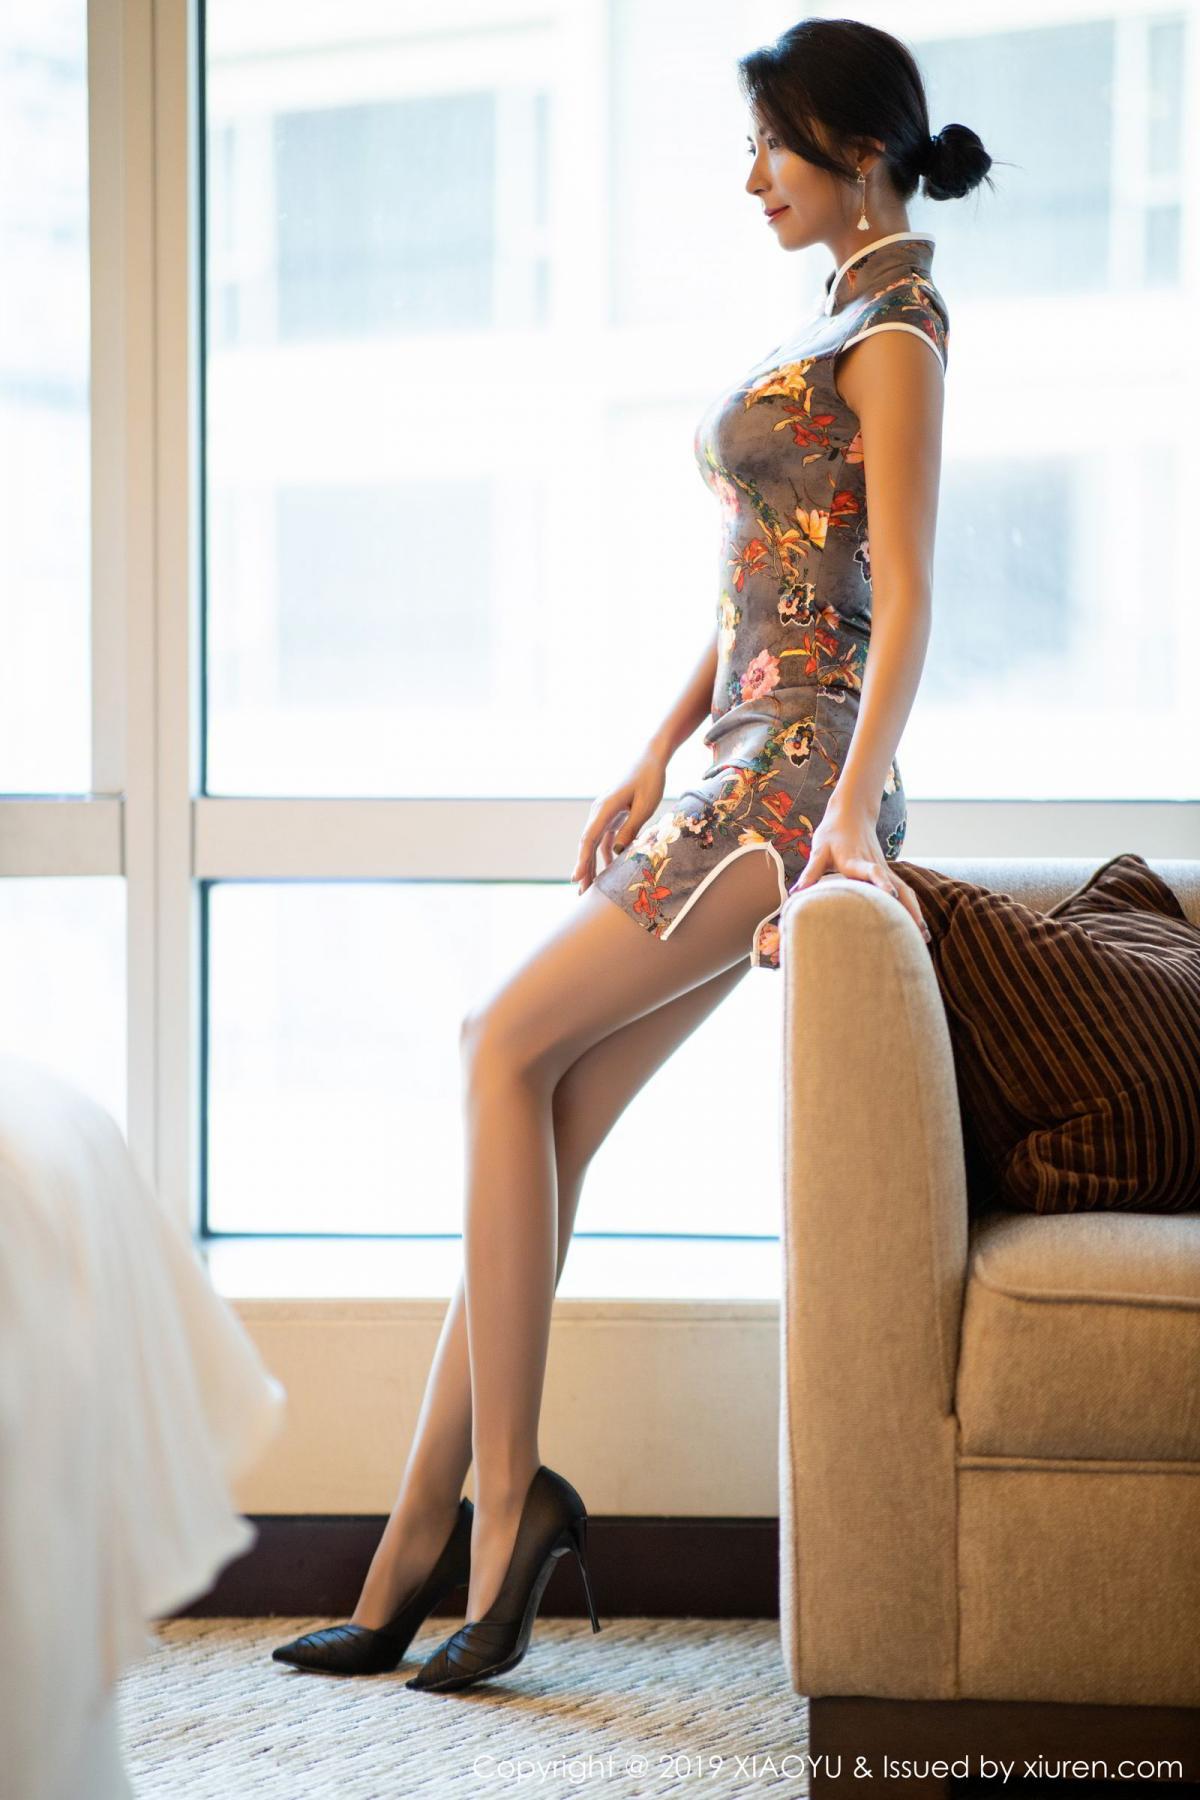 [XiaoYu] Vol.196 Chen Liang Ling 1P, Chen Liang Ling, Cheongsam, Temperament, Underwear, XiaoYu